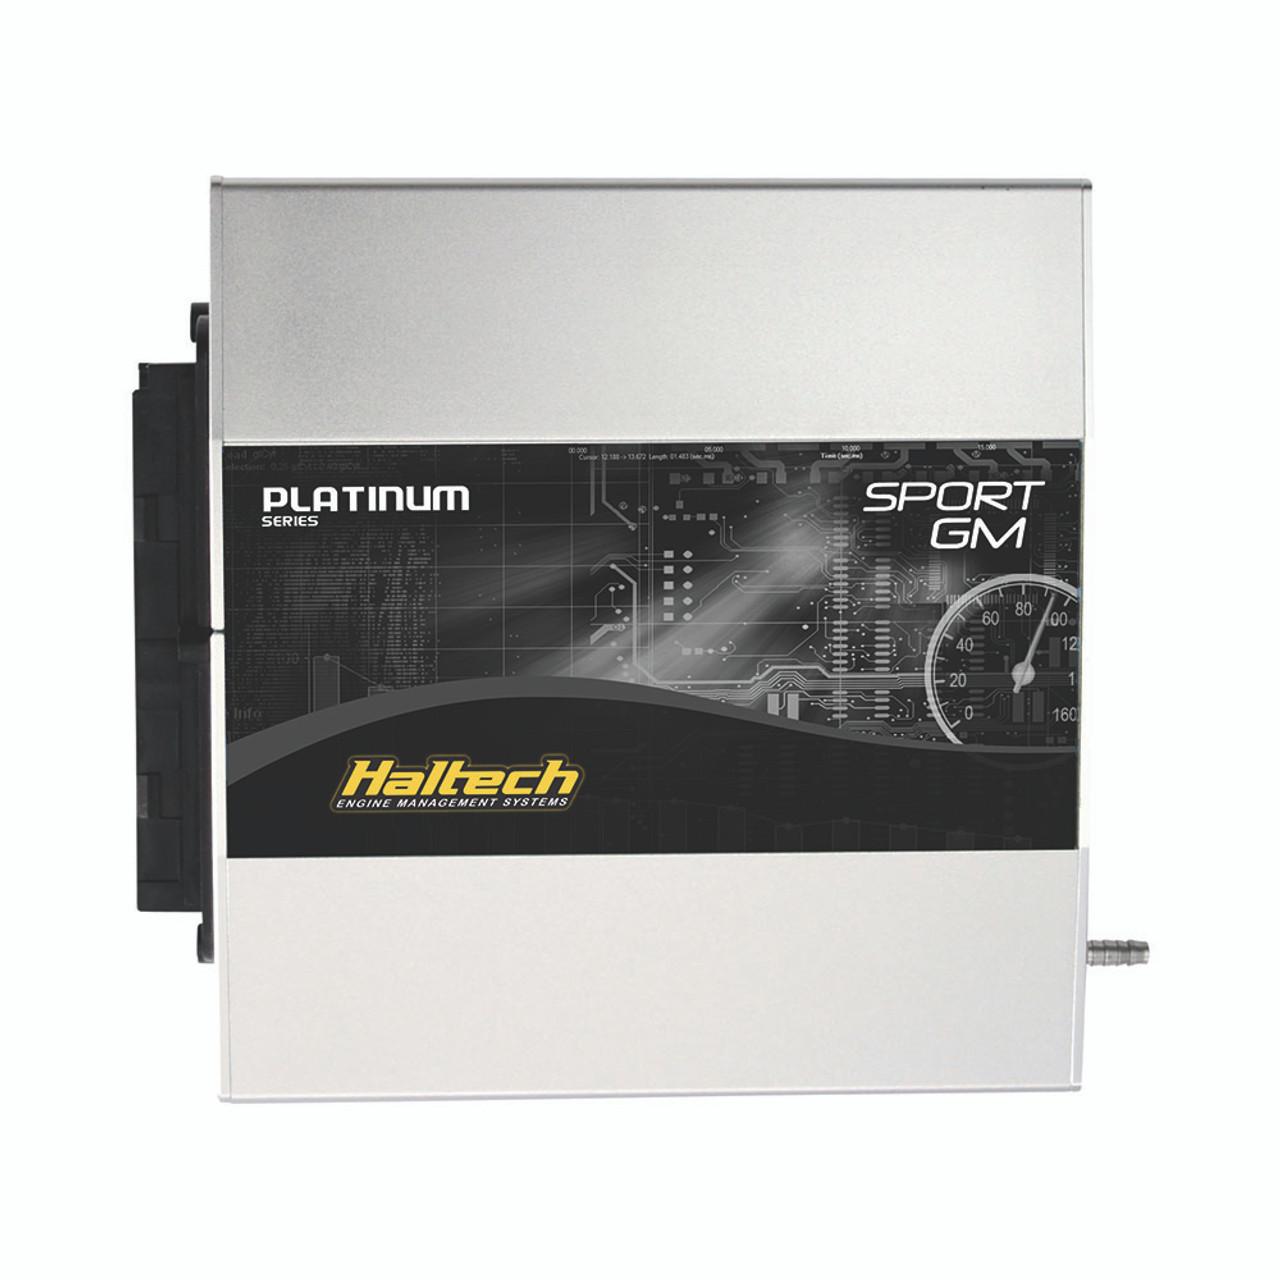 HALTECH (HT-051100) PLATINUM PRO DIRECT PLUG-IN ECU, ENGINE MANAGEMENT  SYSTEM, GM VEHICLES (V8 TBI & TPI)